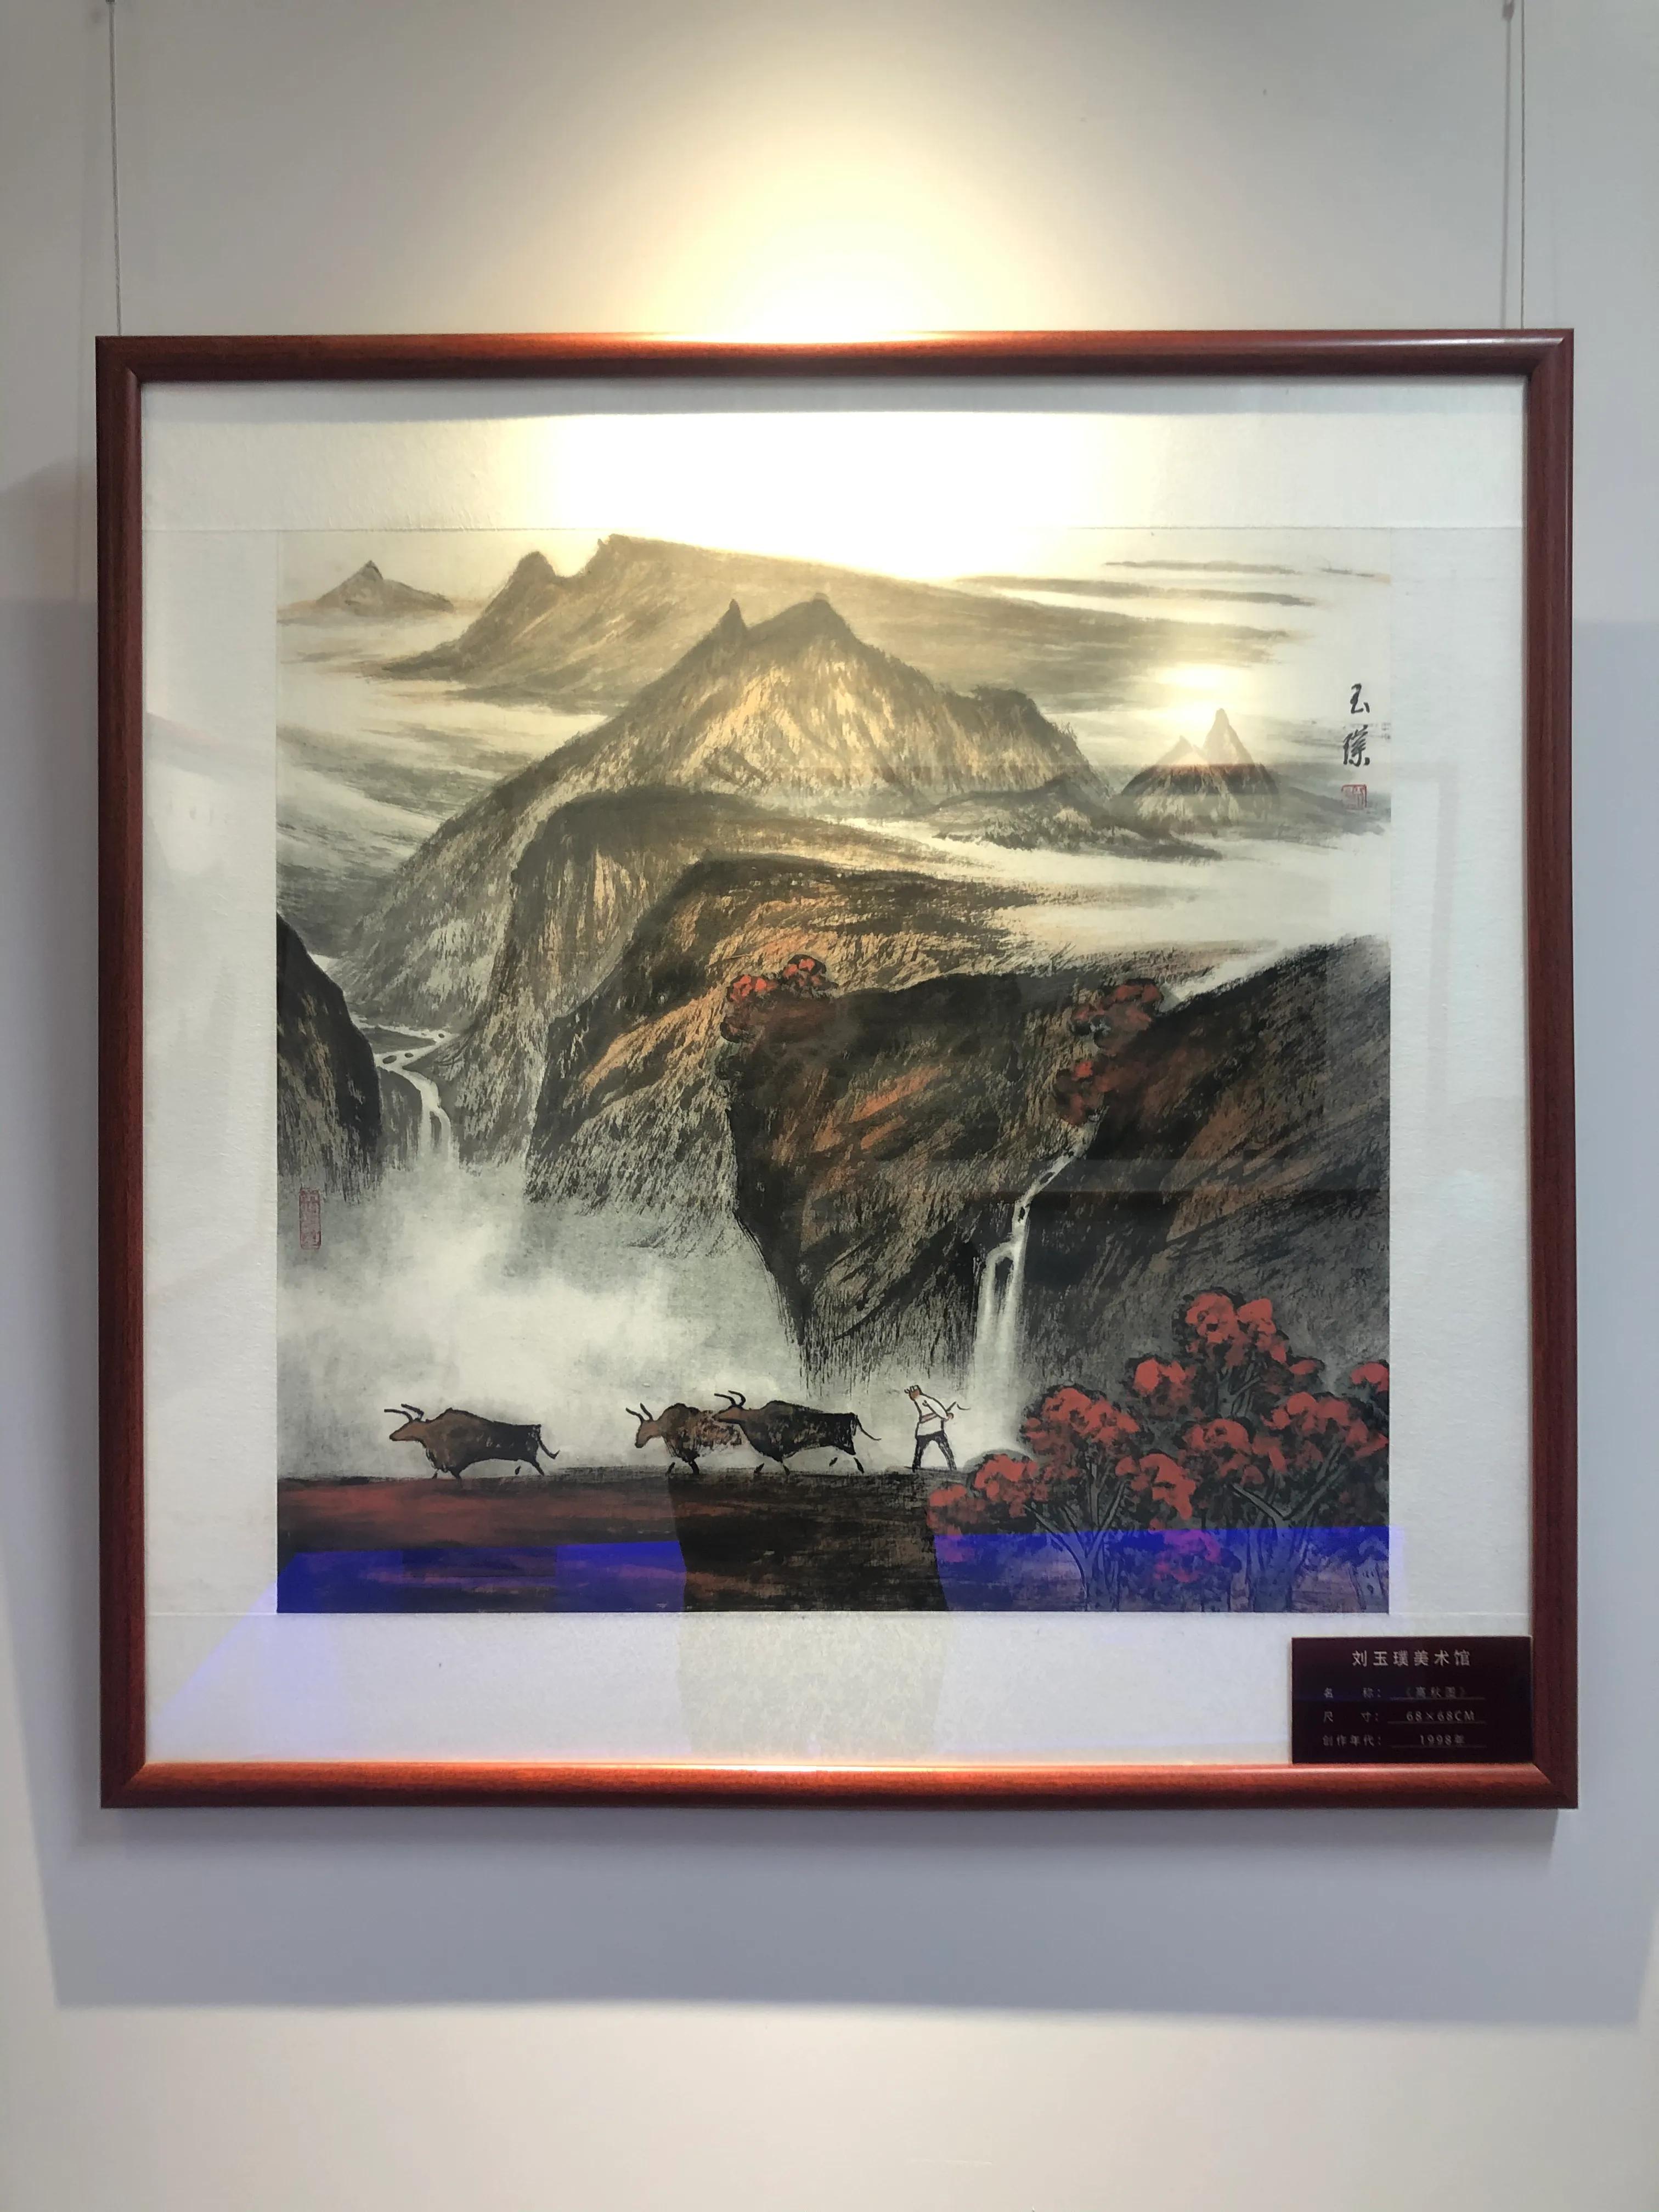 著名画家刘玉璞美术馆碧瓦朱檐落聊城, 展出其不同时期杰作近百幅